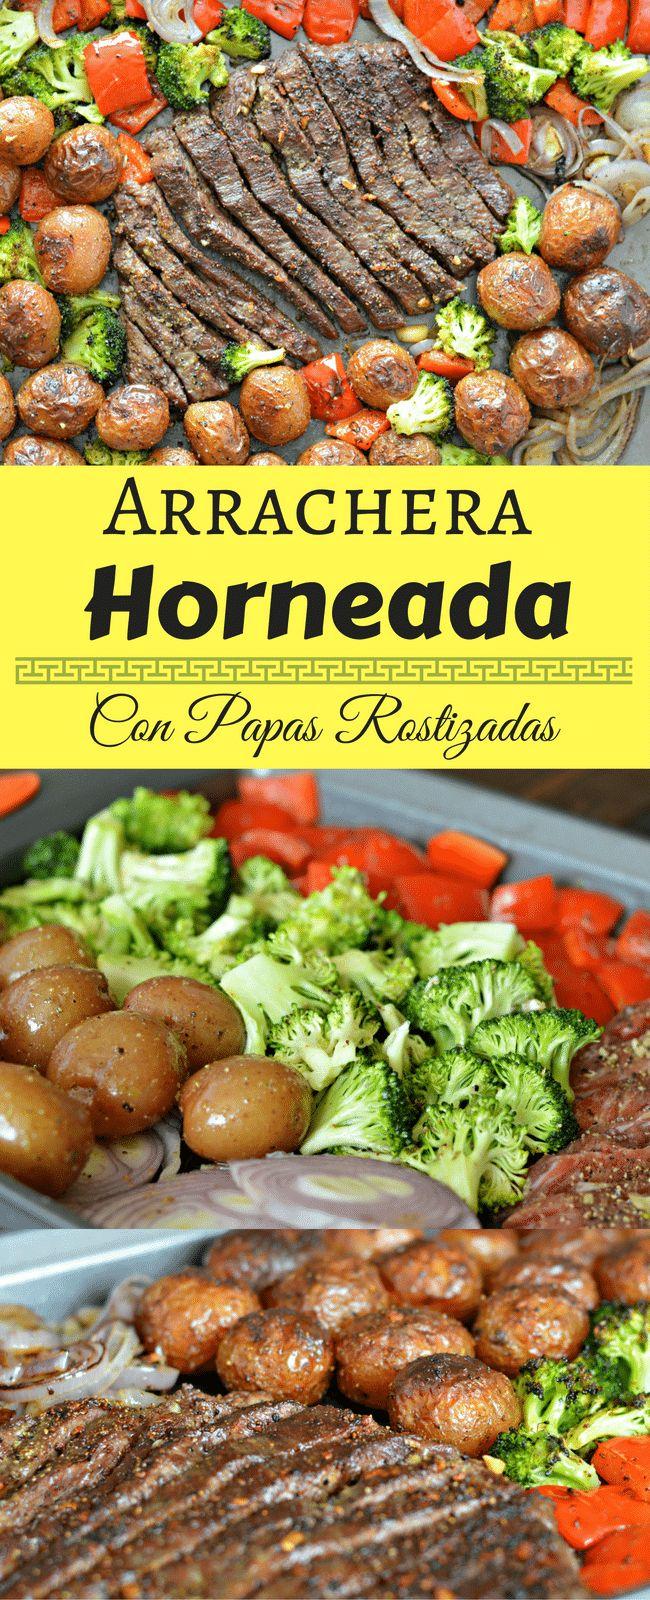 Esta receta para Arrachera Horneada con Papas Rostizadas es deliciosa y facil la preparacion. Ademas la limpieza no te tomara mas que 5 minutos!